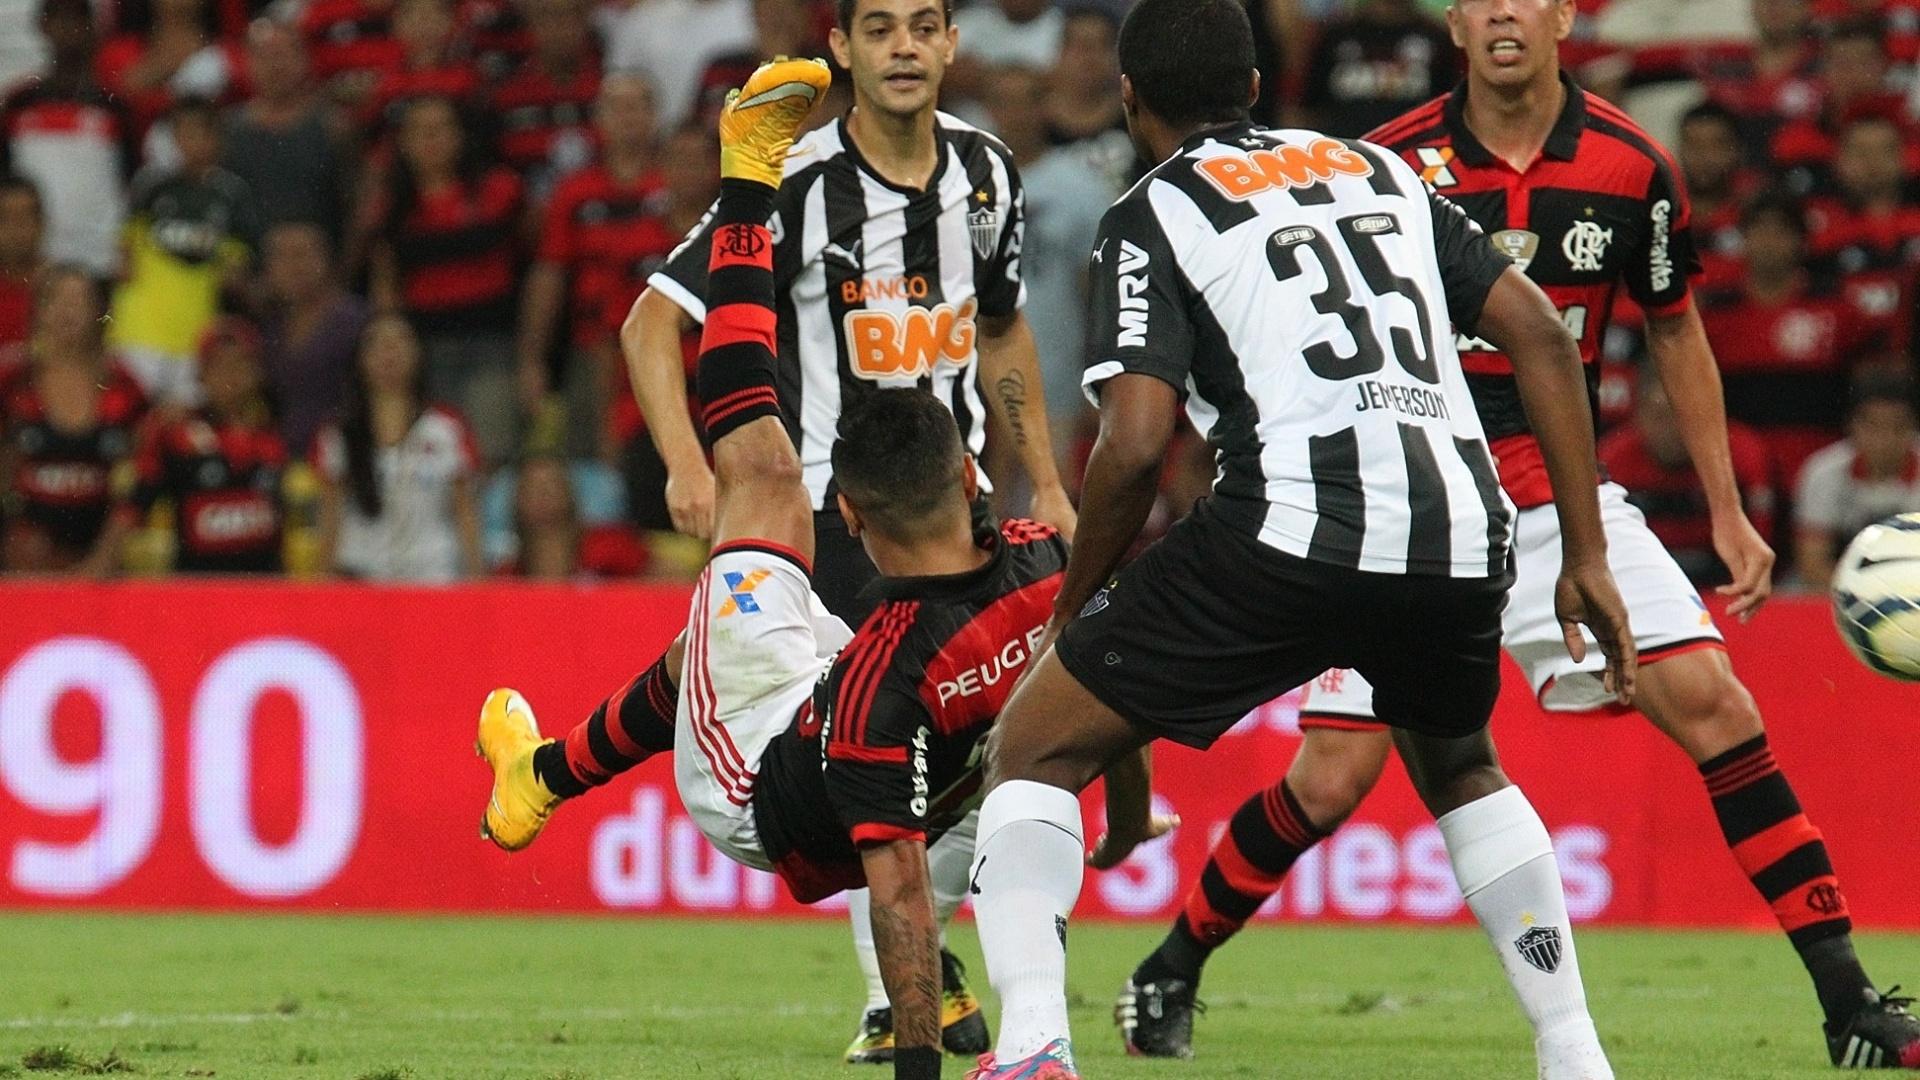 Jogadores de Flamengo e Atlético-MG disputam bola na semifinal da Copa do Brasil